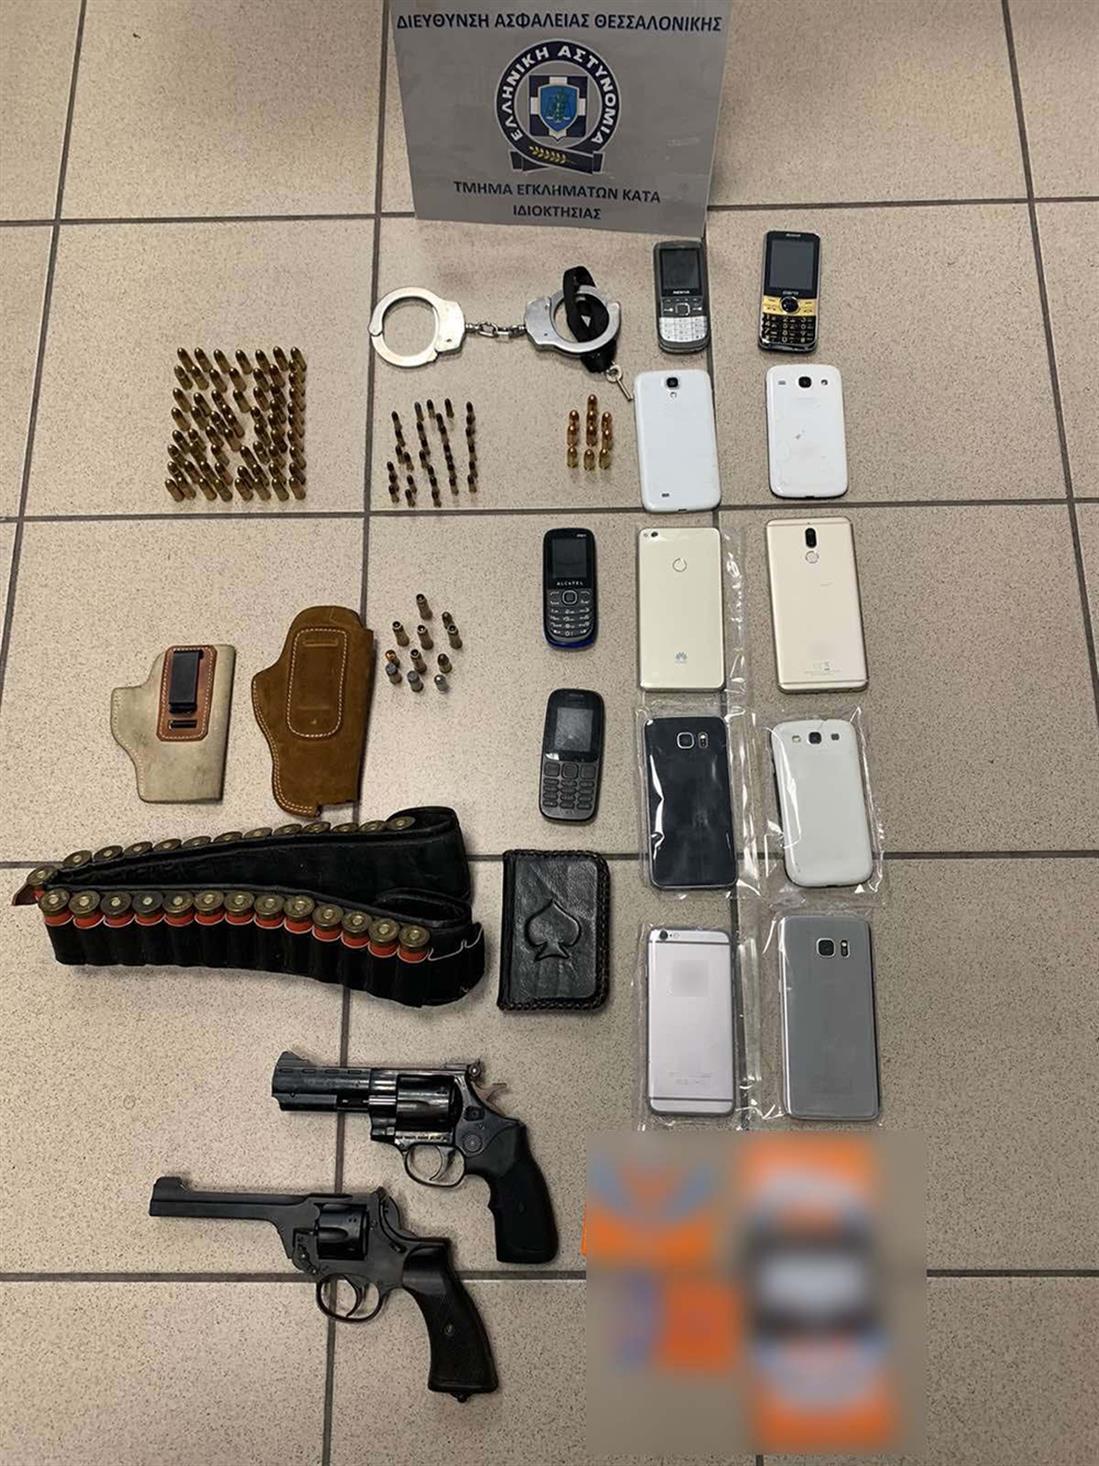 Θεσσαλονίκη - ένοπλη ληστεία - επιχειρηματίας